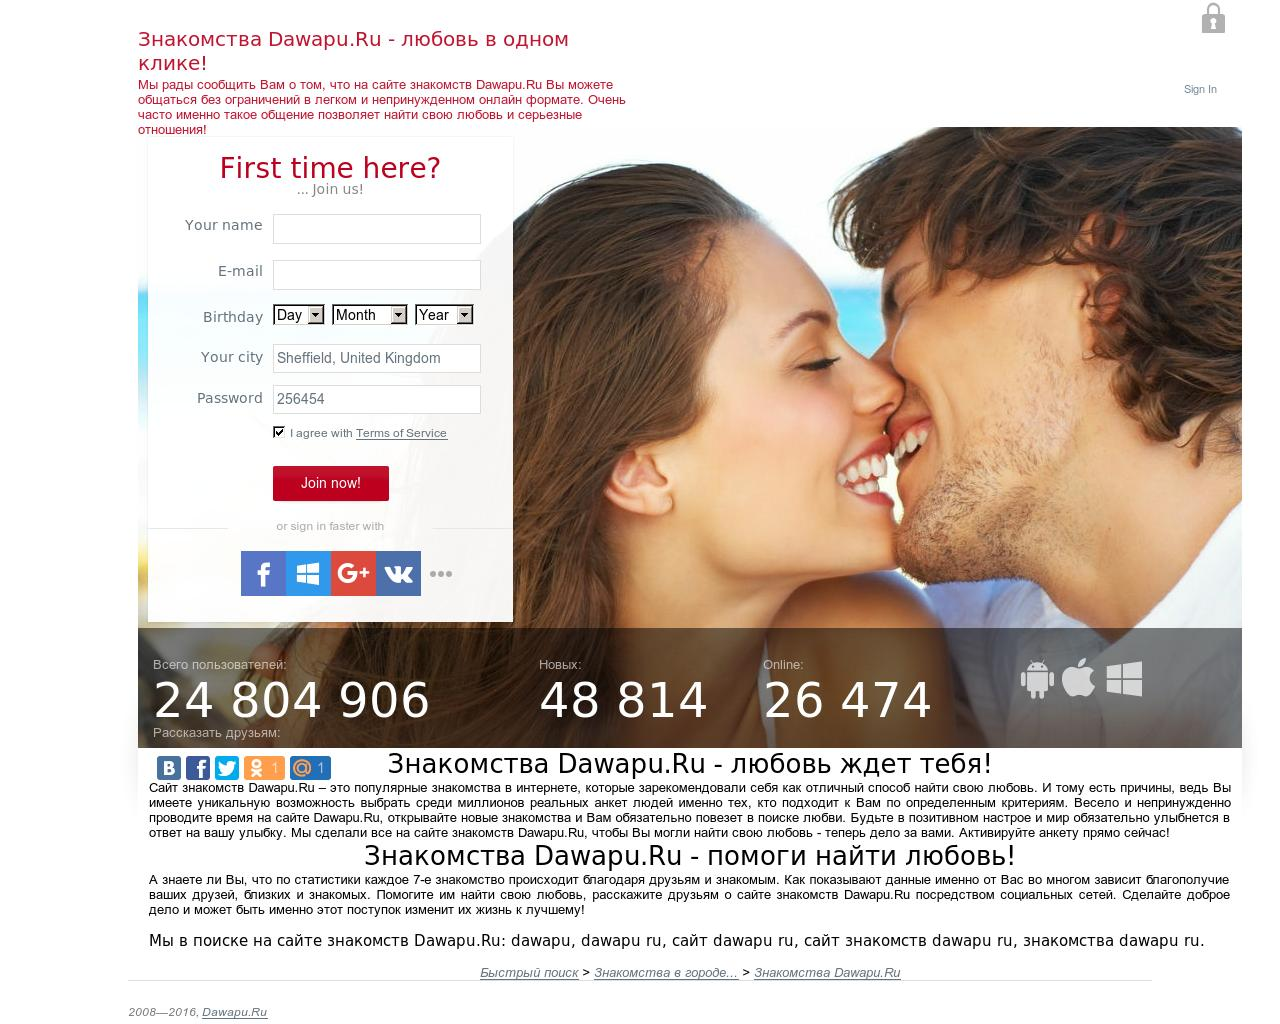 отзывы о бесплатных сайтах секс знакомств